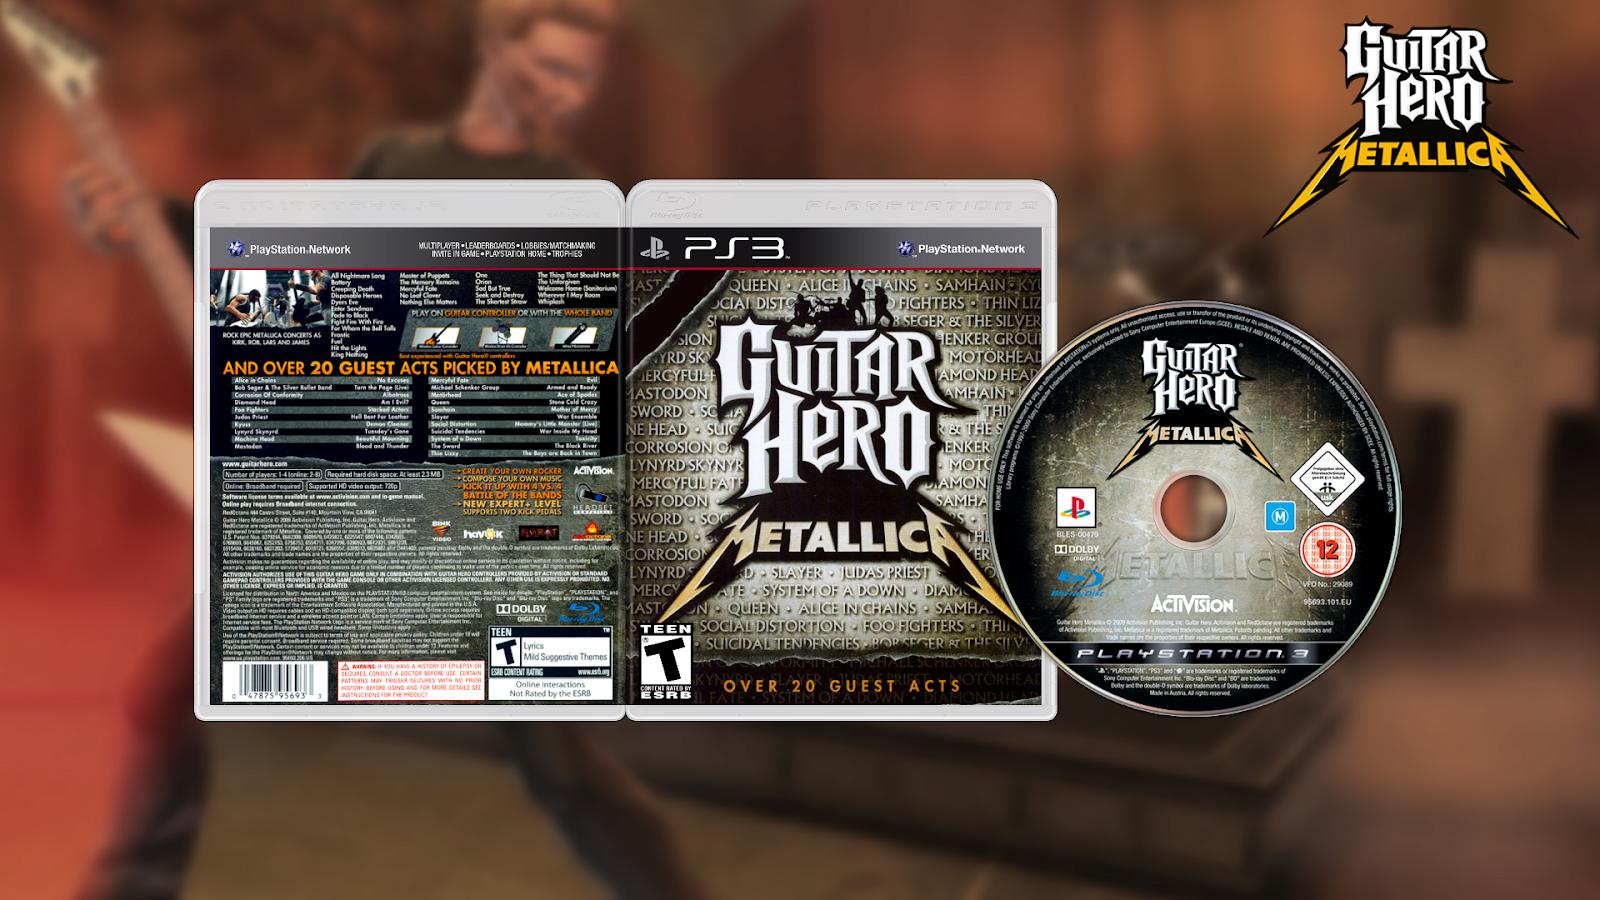 Games Gamers Guitar Hero Metallica Ps3 Download